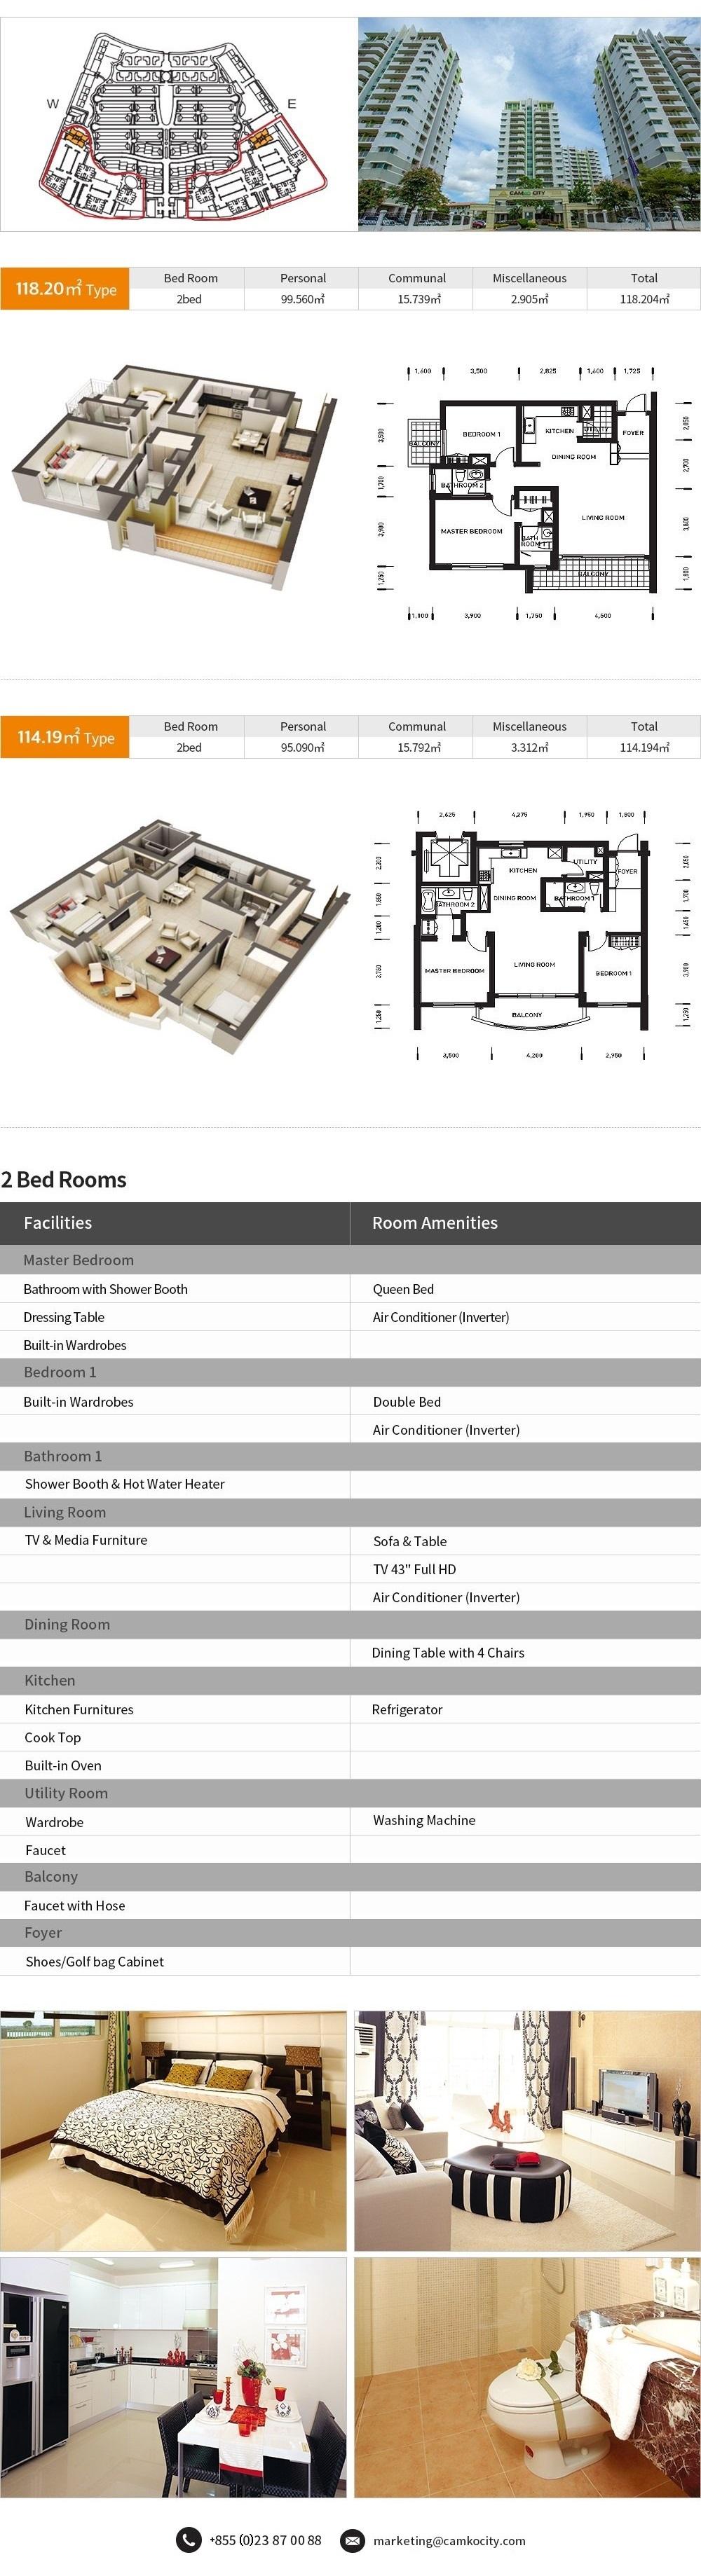 2-bedrooms-condo